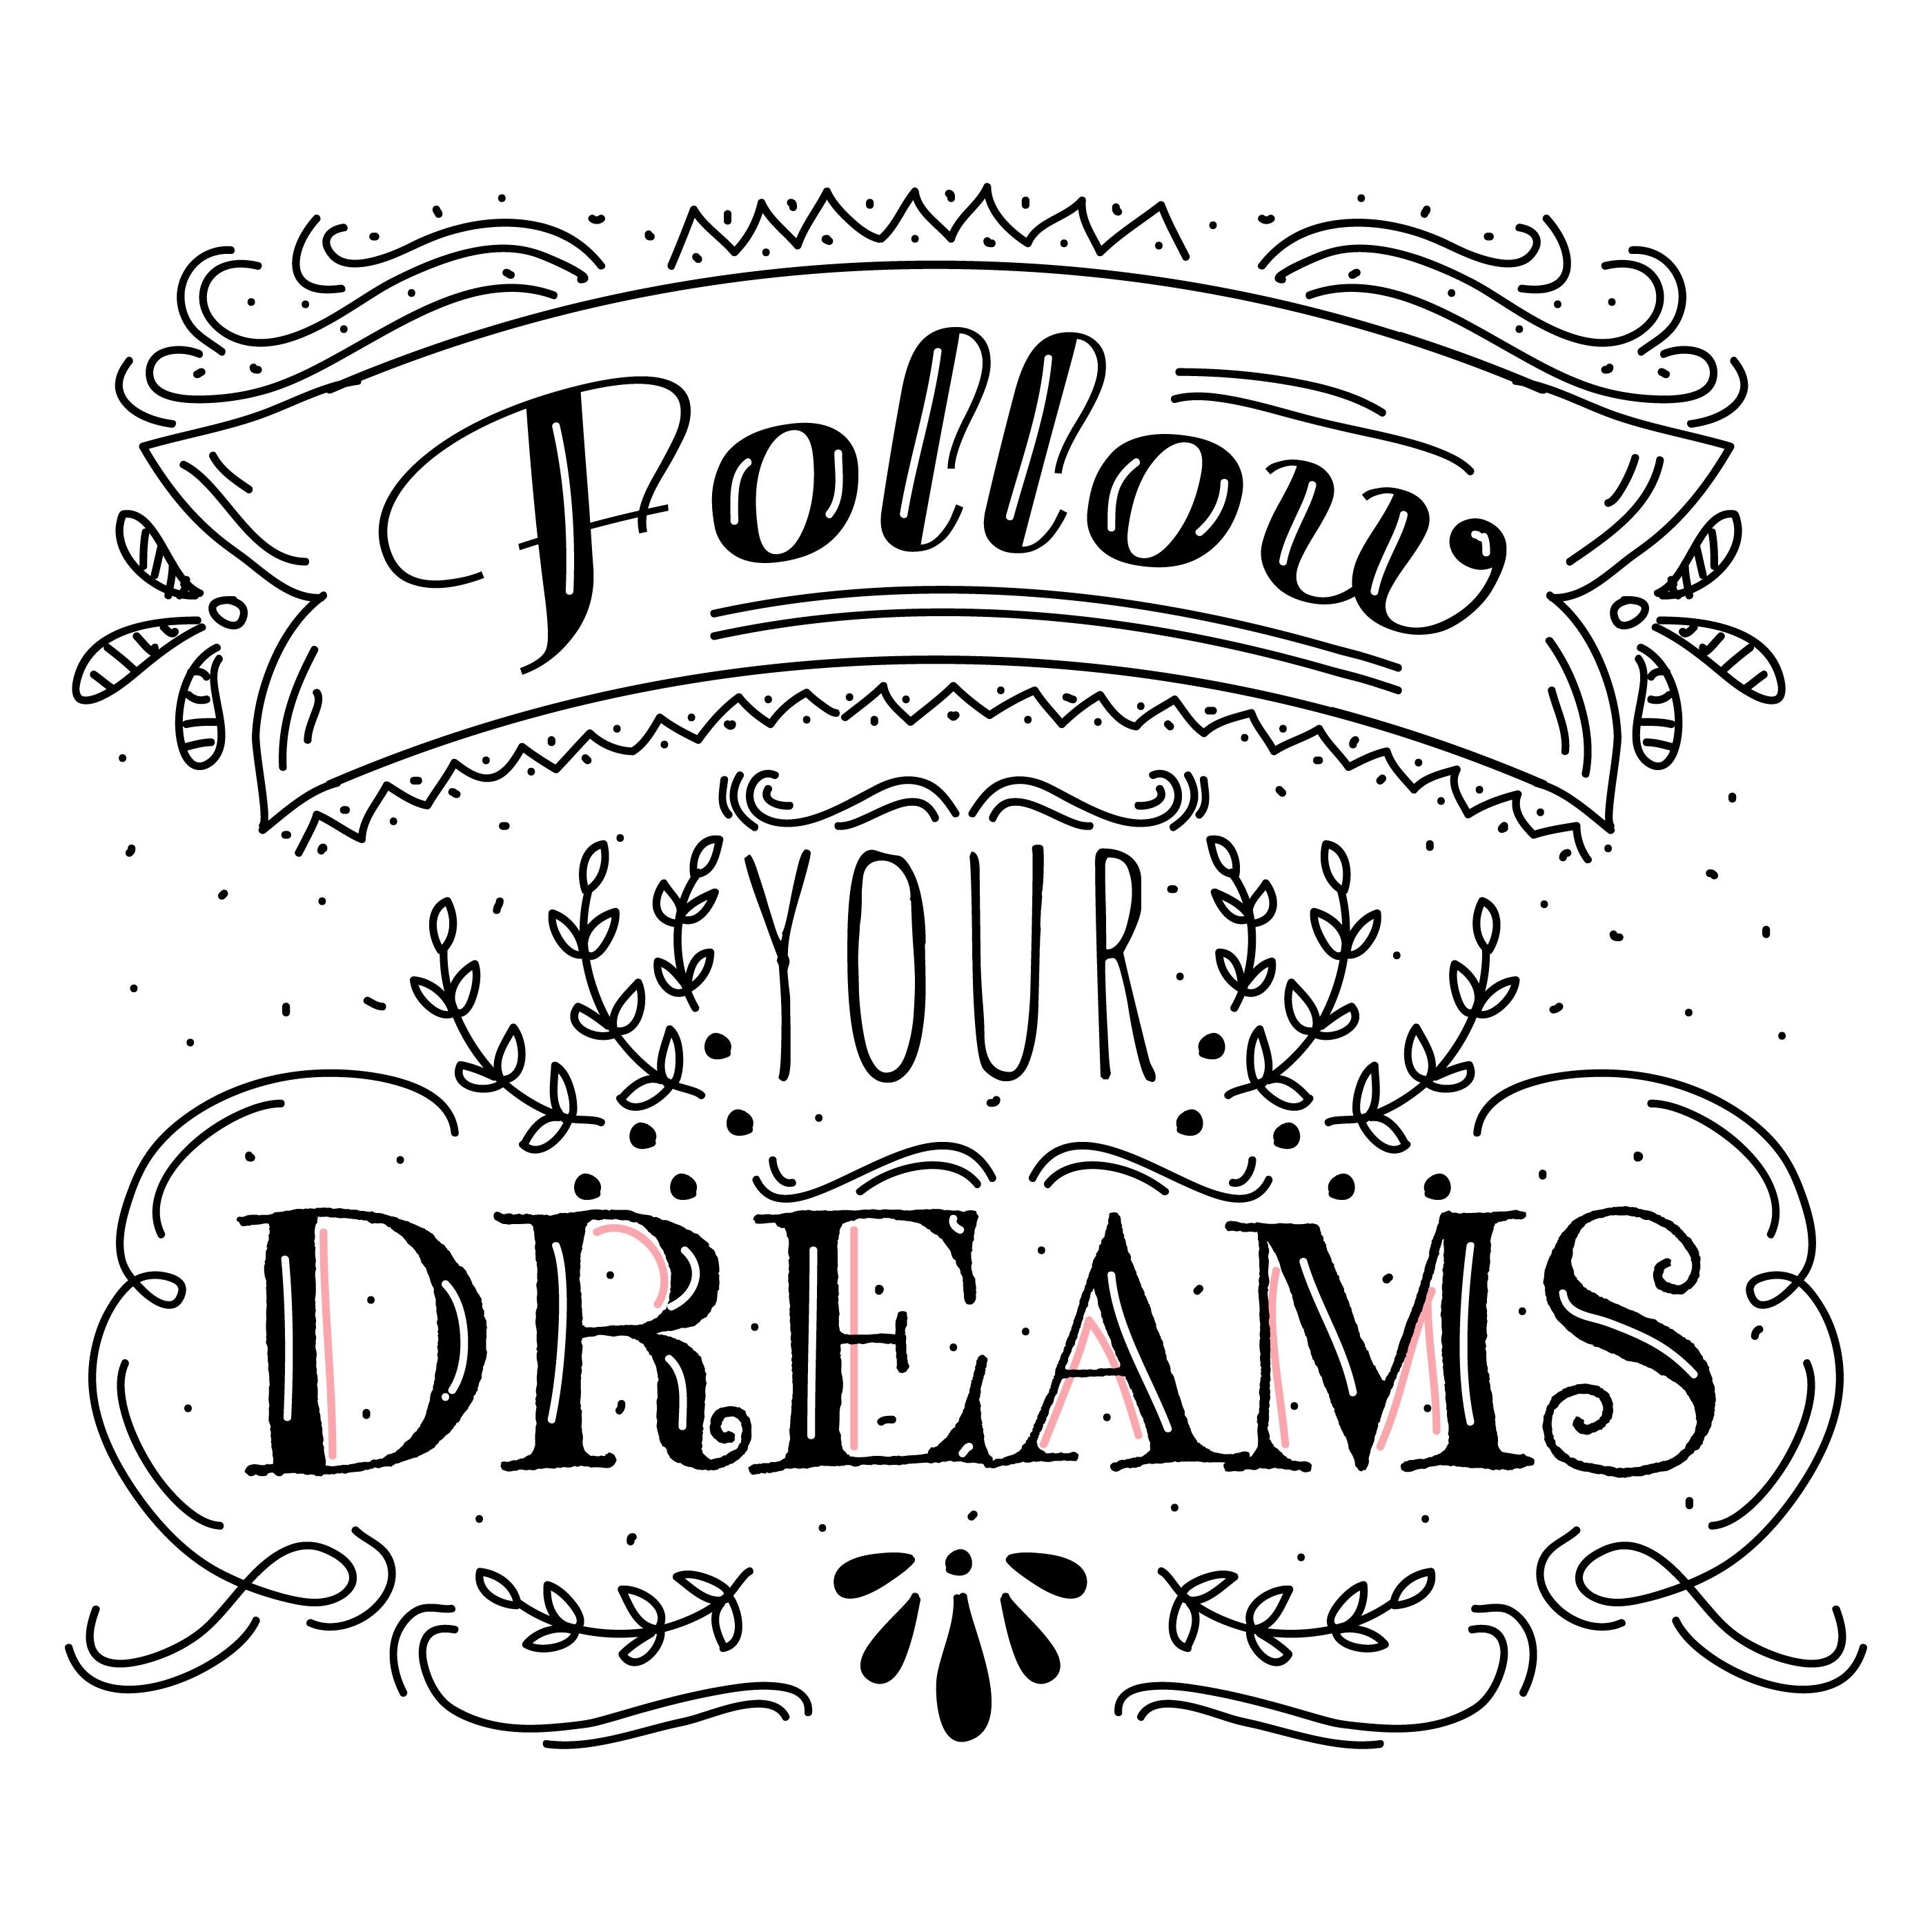 Follow Your Dreams Vector - Download Free Vectors, Clipart ...